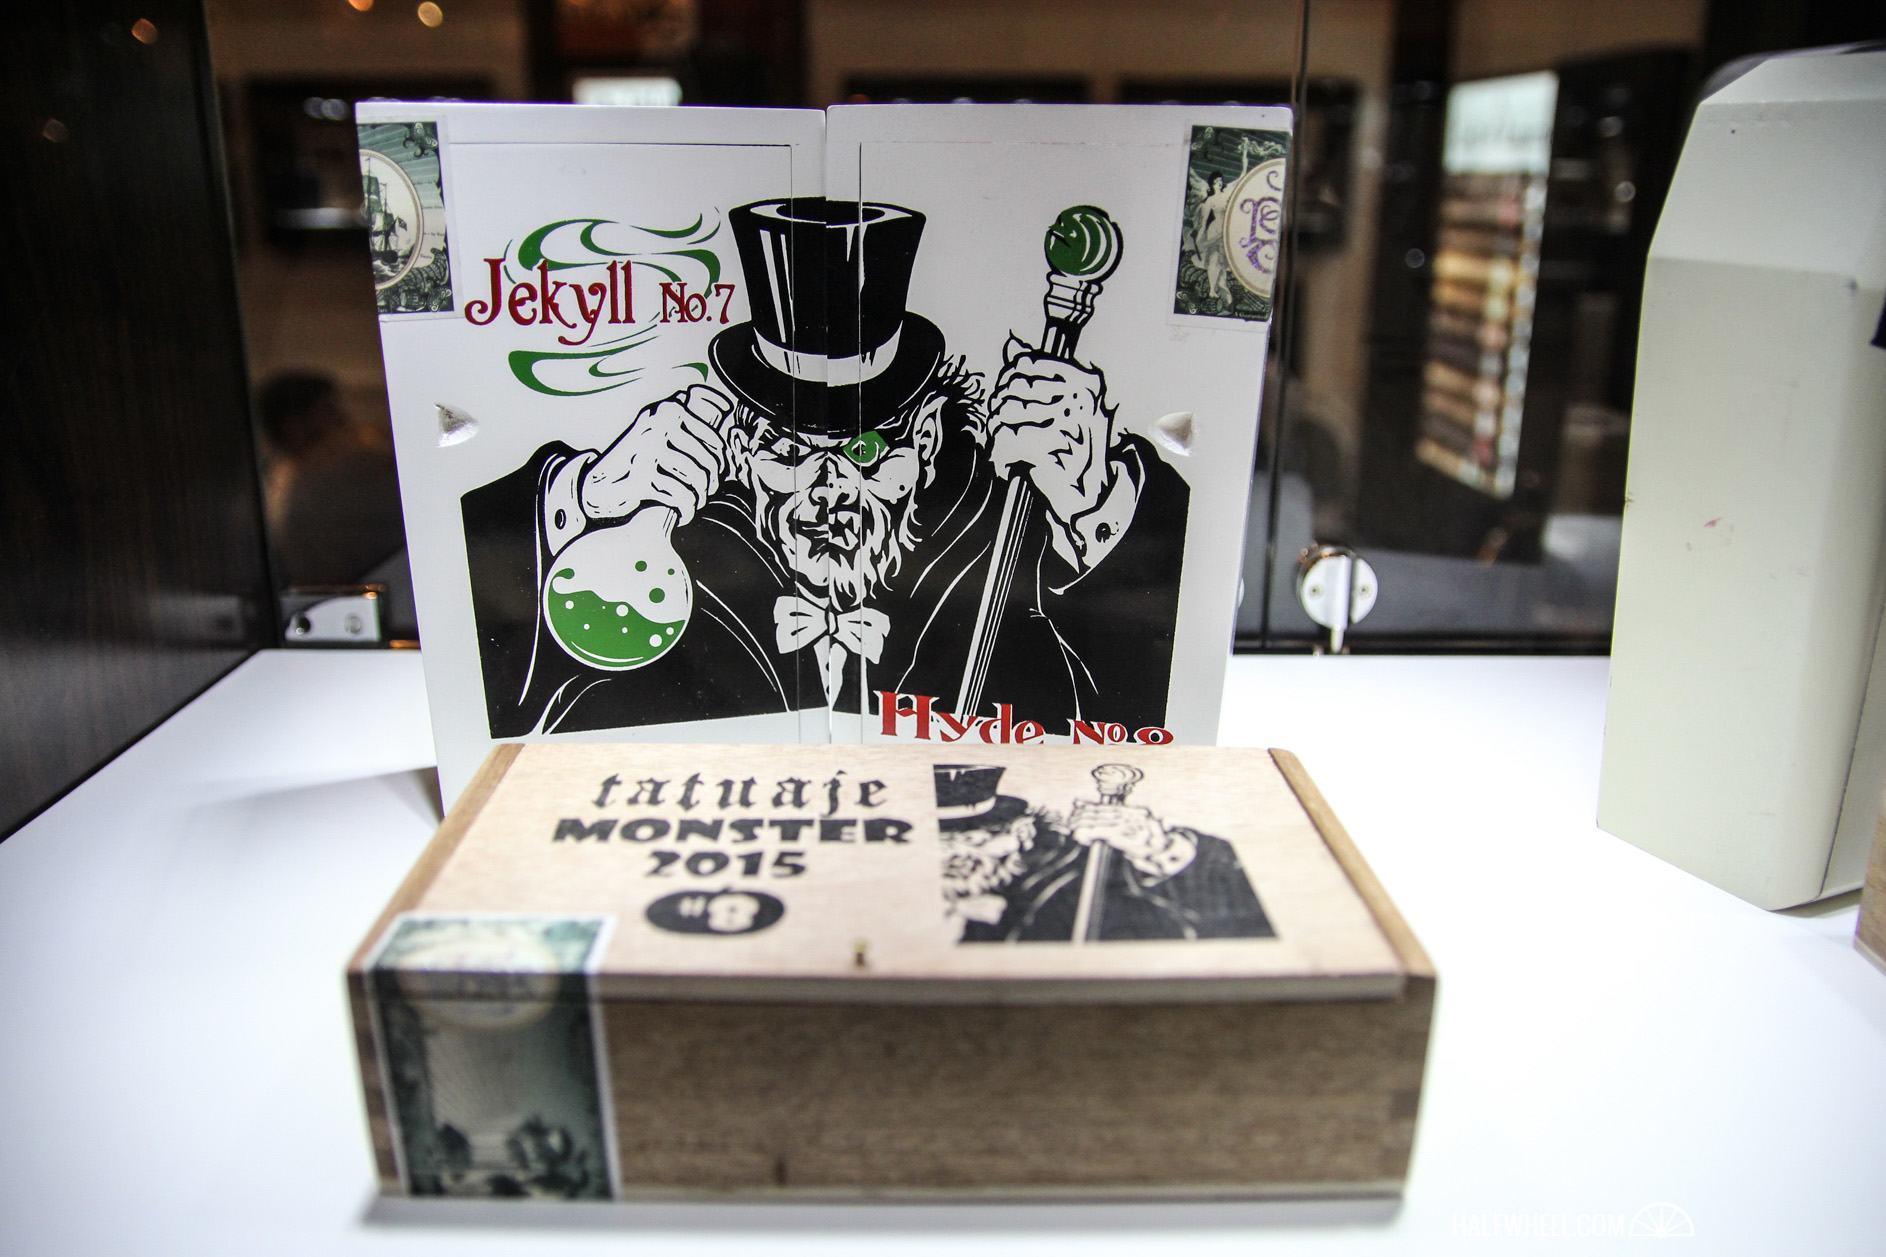 Tatuaje Monster 2015 boxes